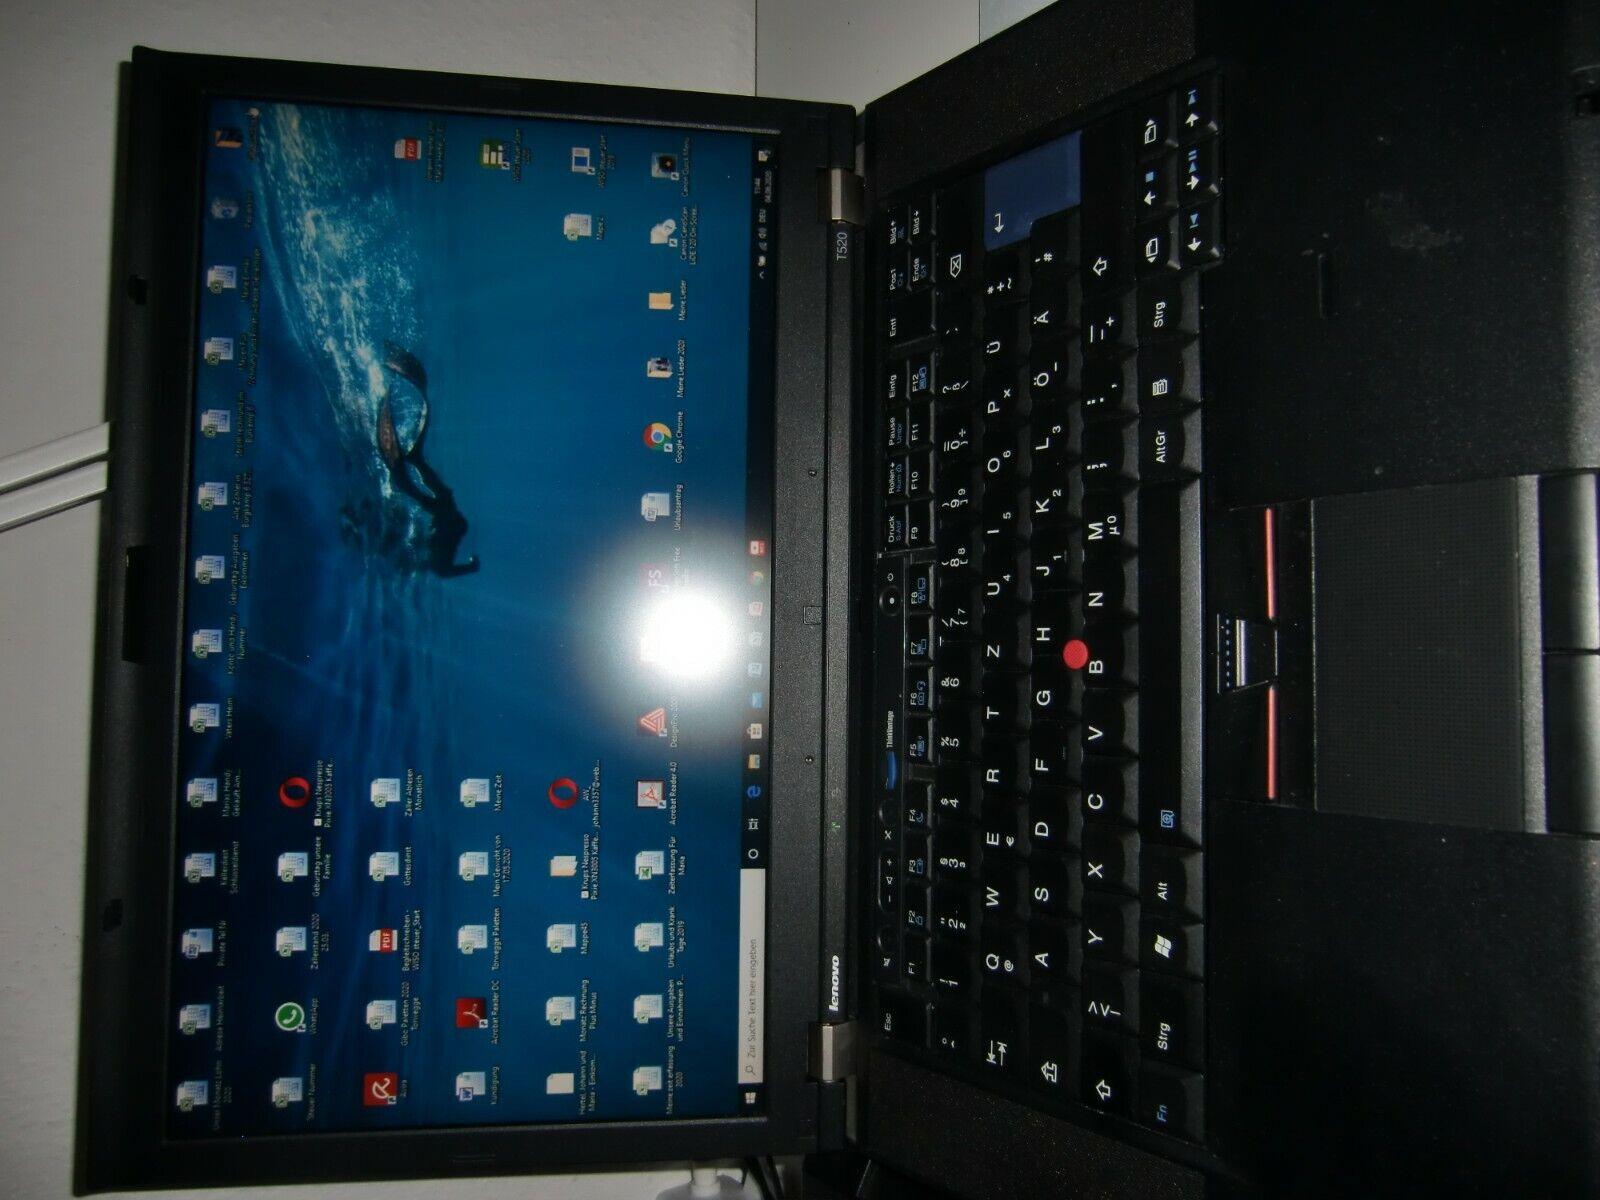 Lenovo ThinkPad T520 15,6 Zoll Notebook/Laptop - Individuelle Konfigurationen